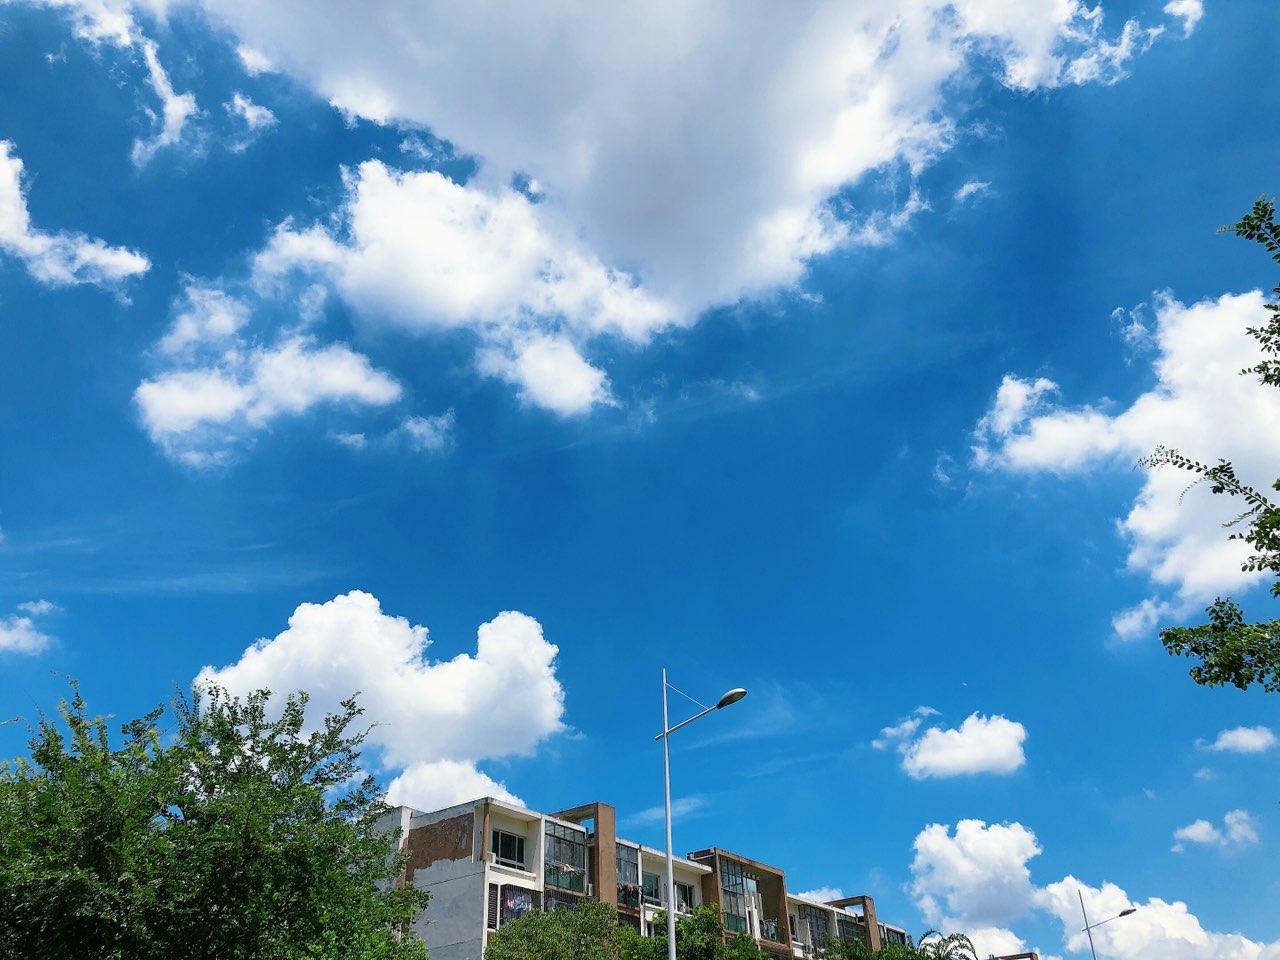 今天的天空格外美丽!